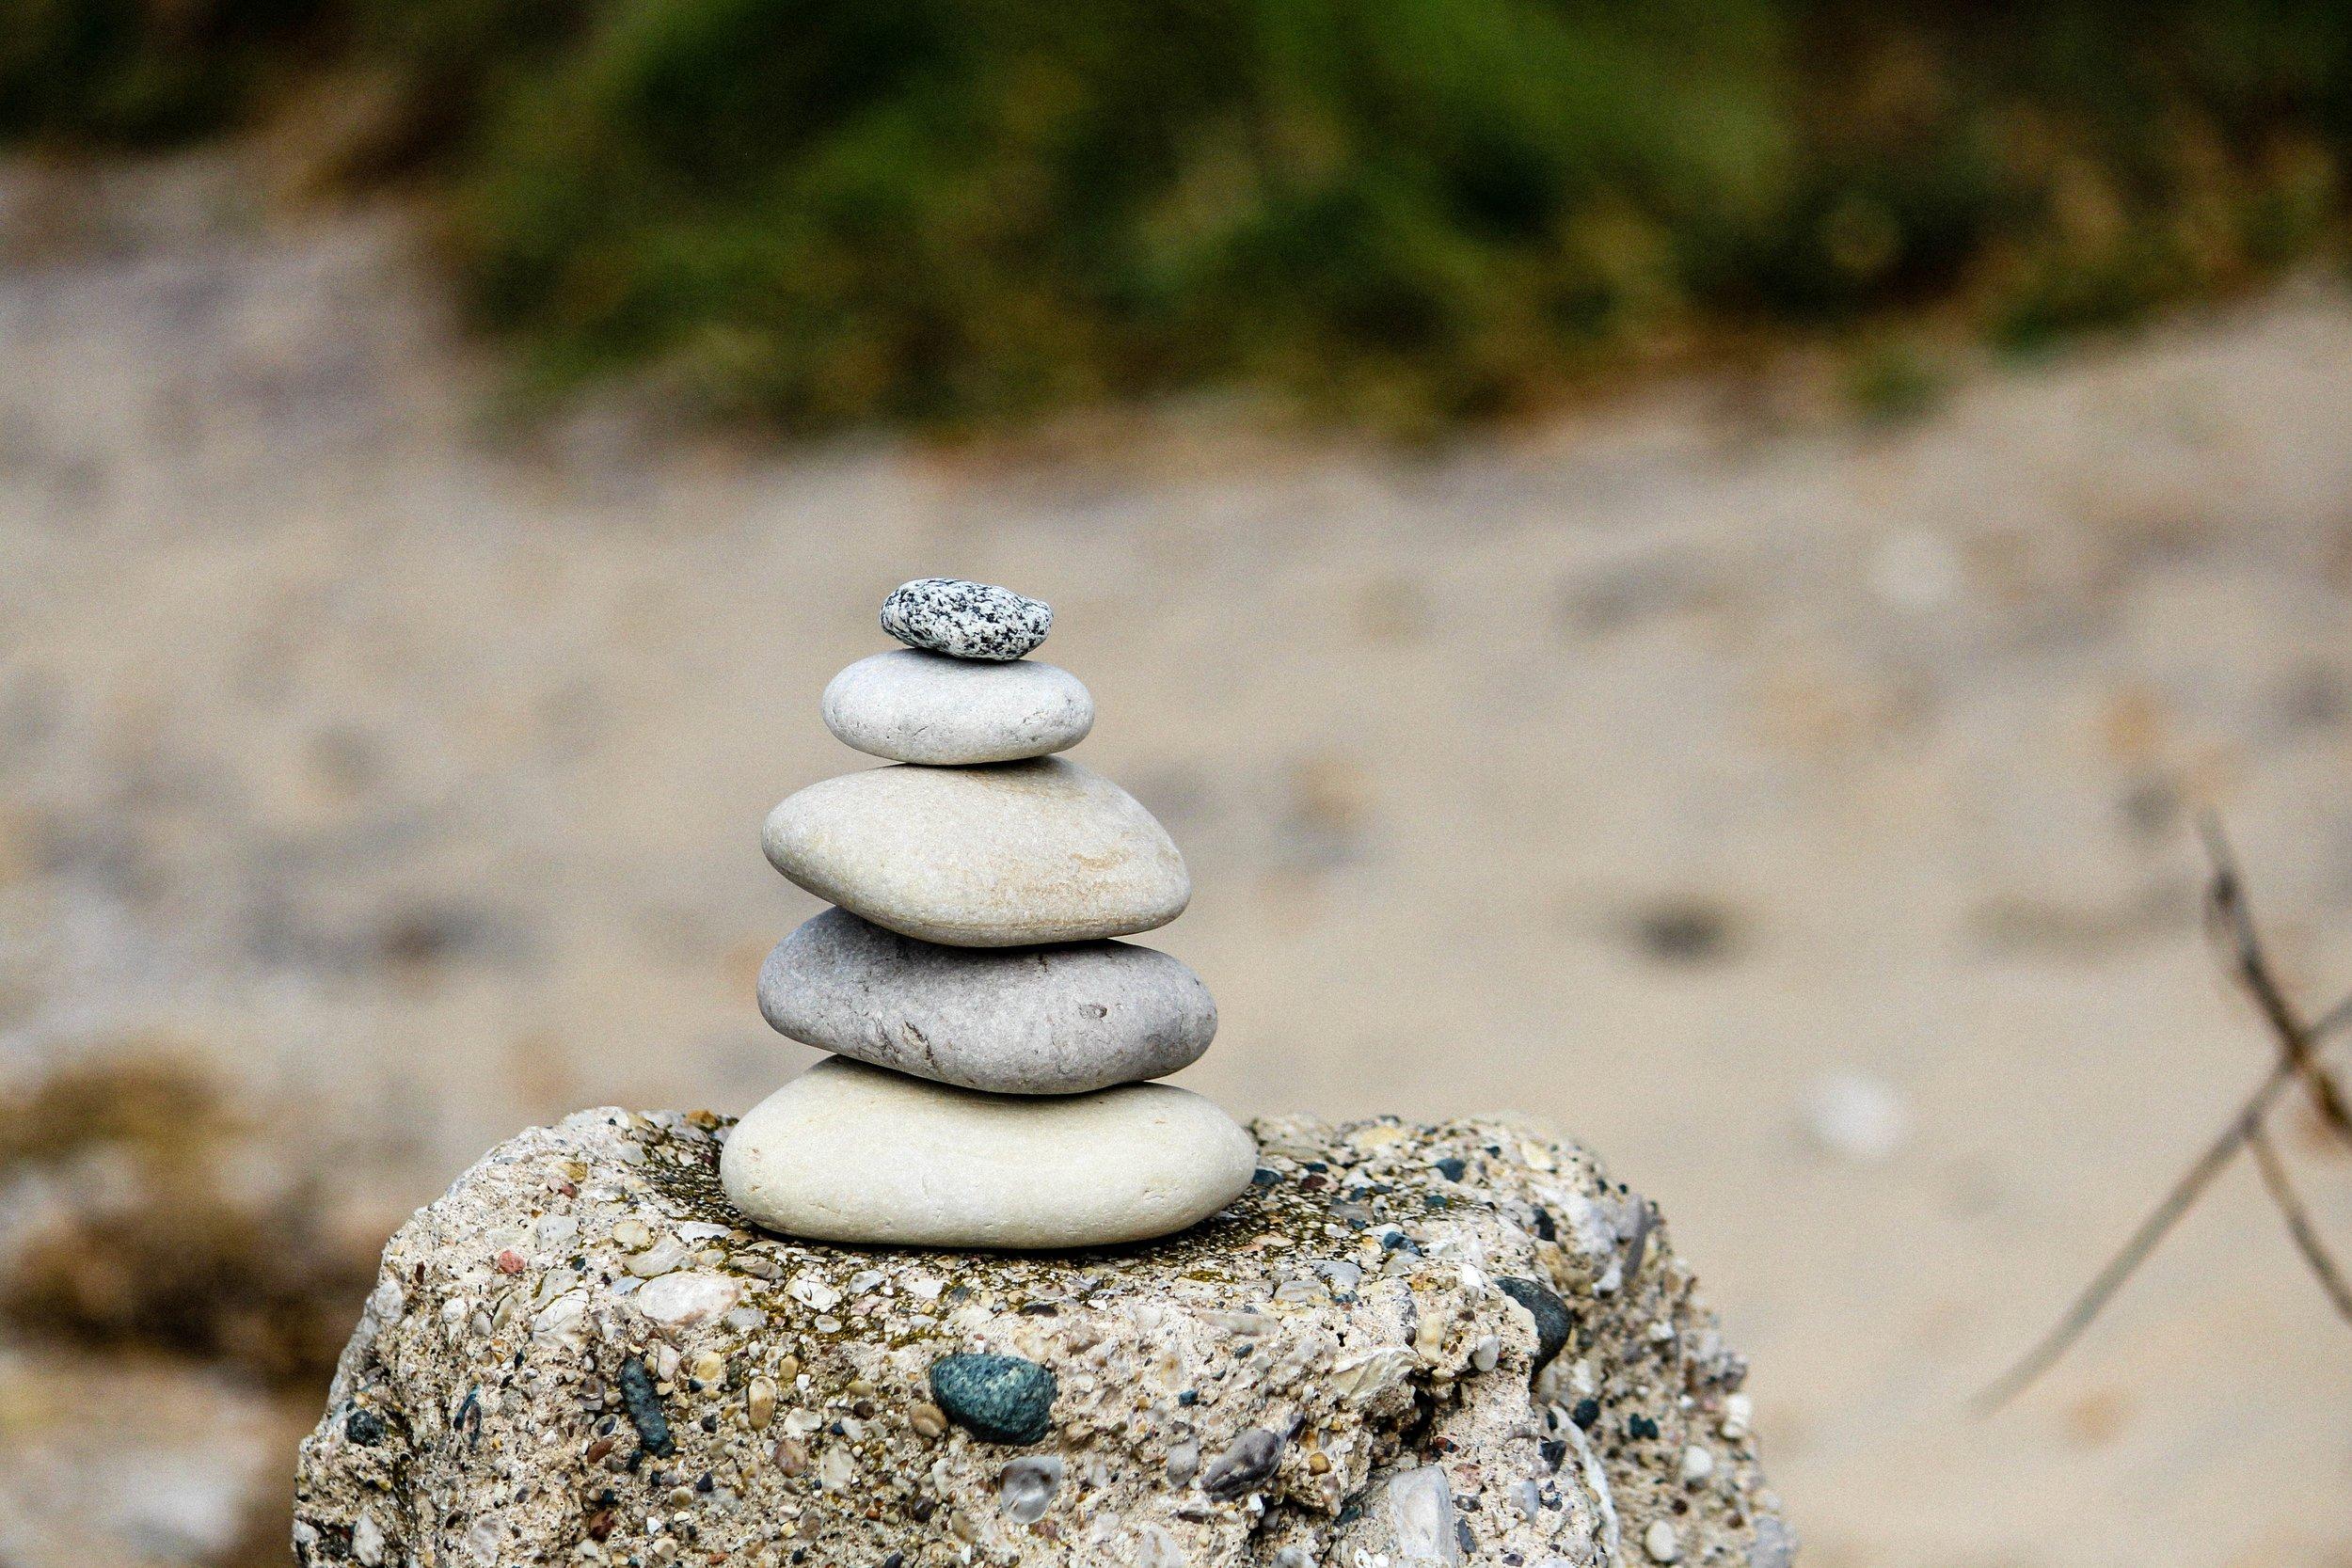 20 Minutes of De-Stressing - HEALTHY LIVING HABIT #19